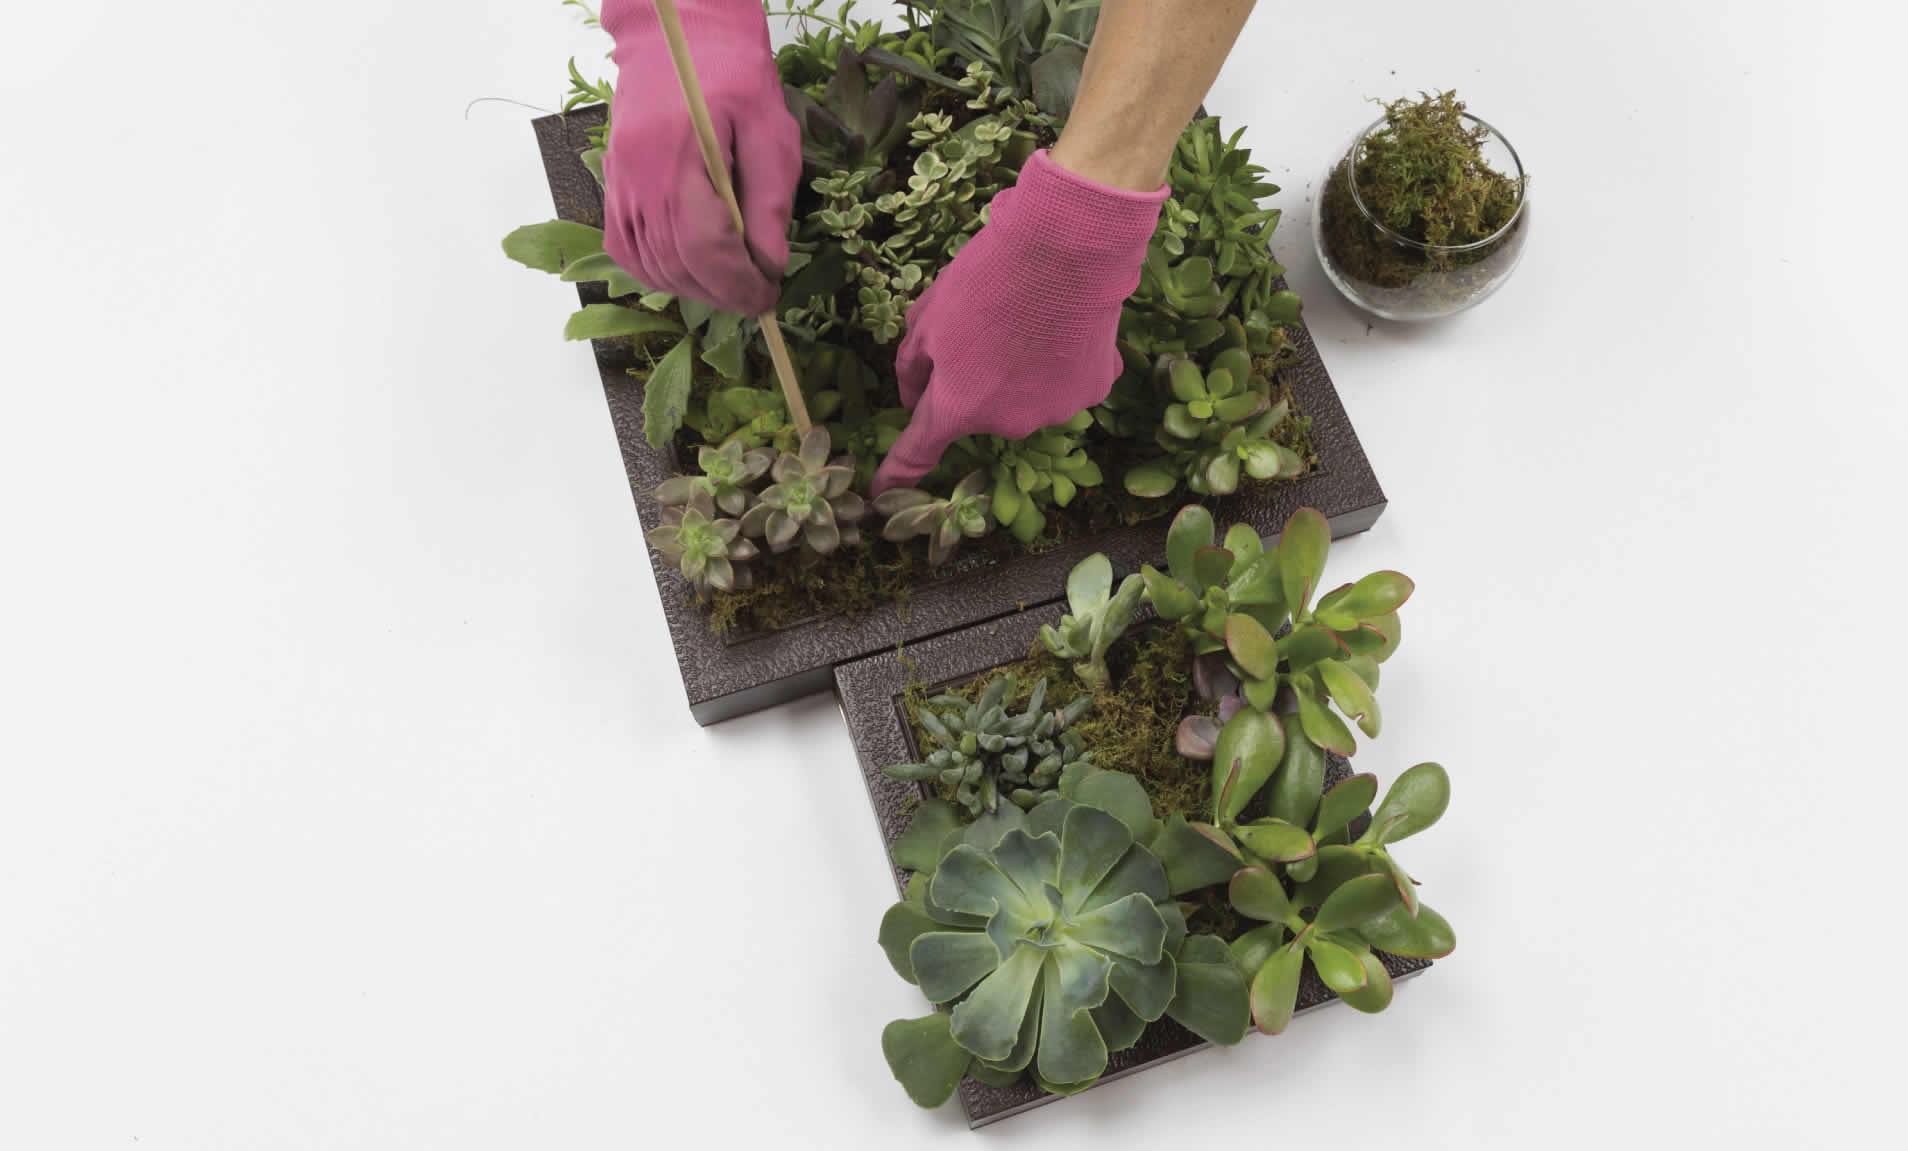 vert-succulent-garden-arrow-project-step13b.jpg